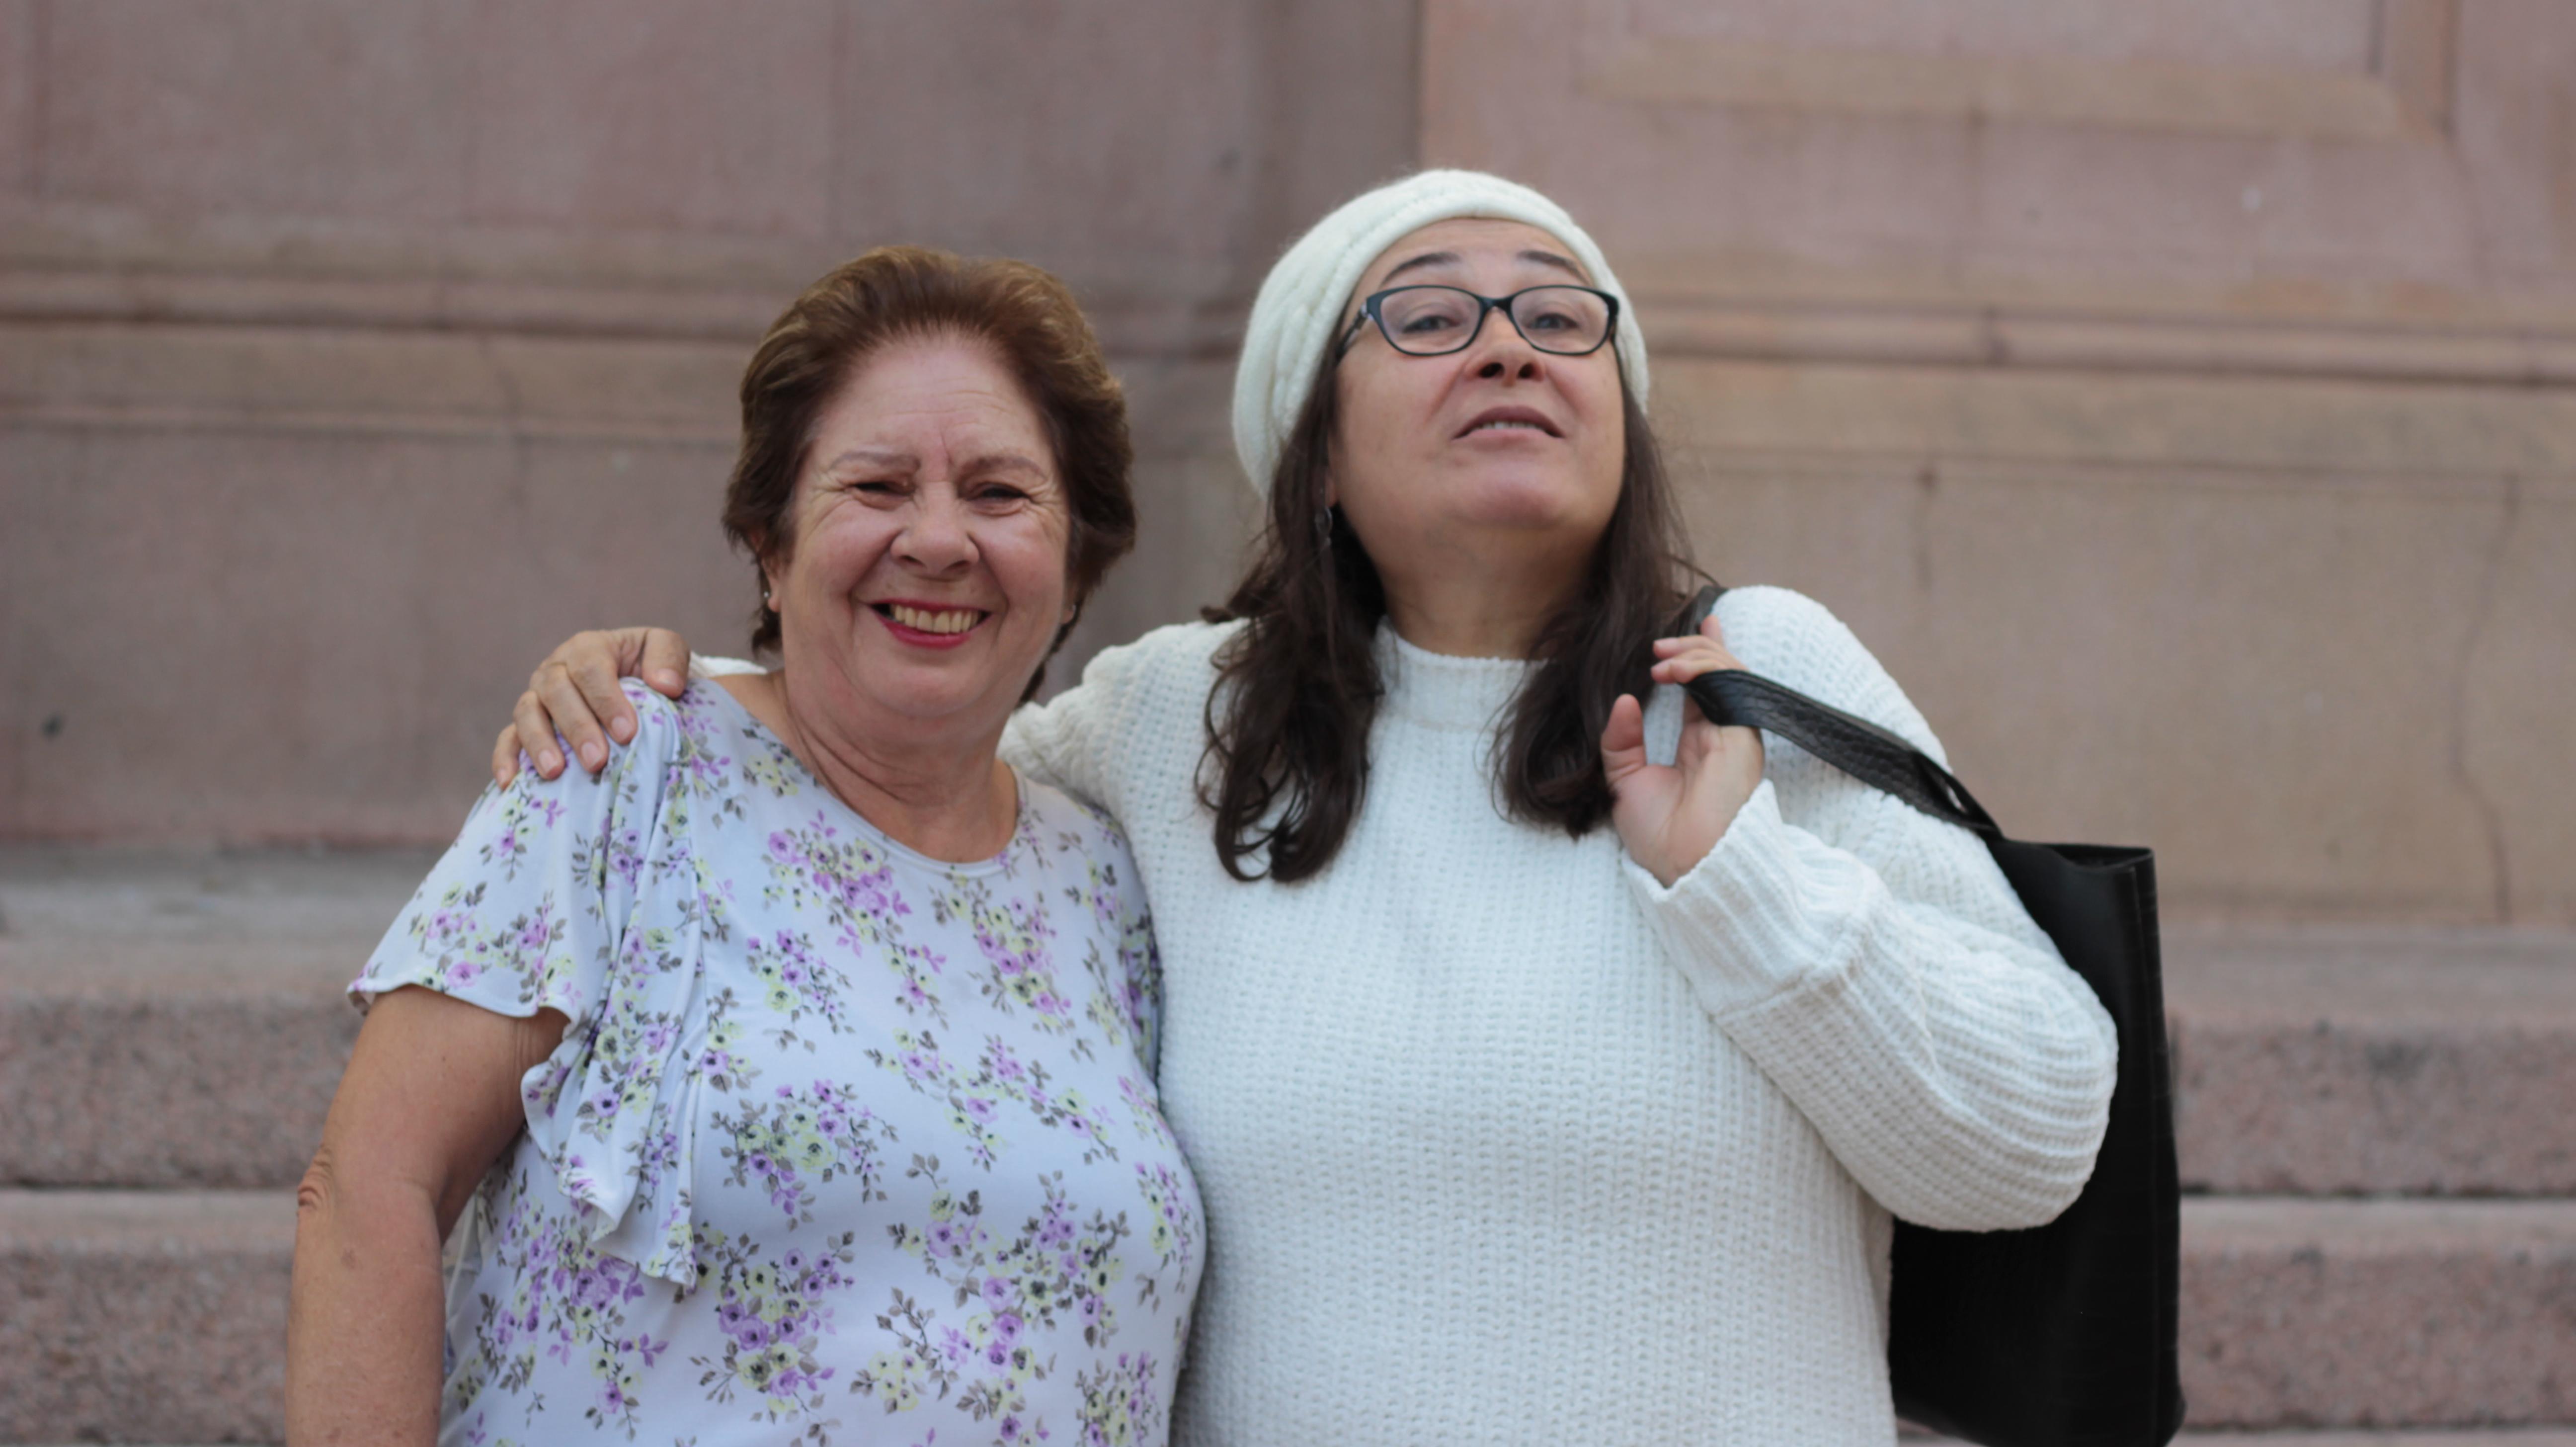 Moradora e blogueira Sandra Nascimento juntas no encontro